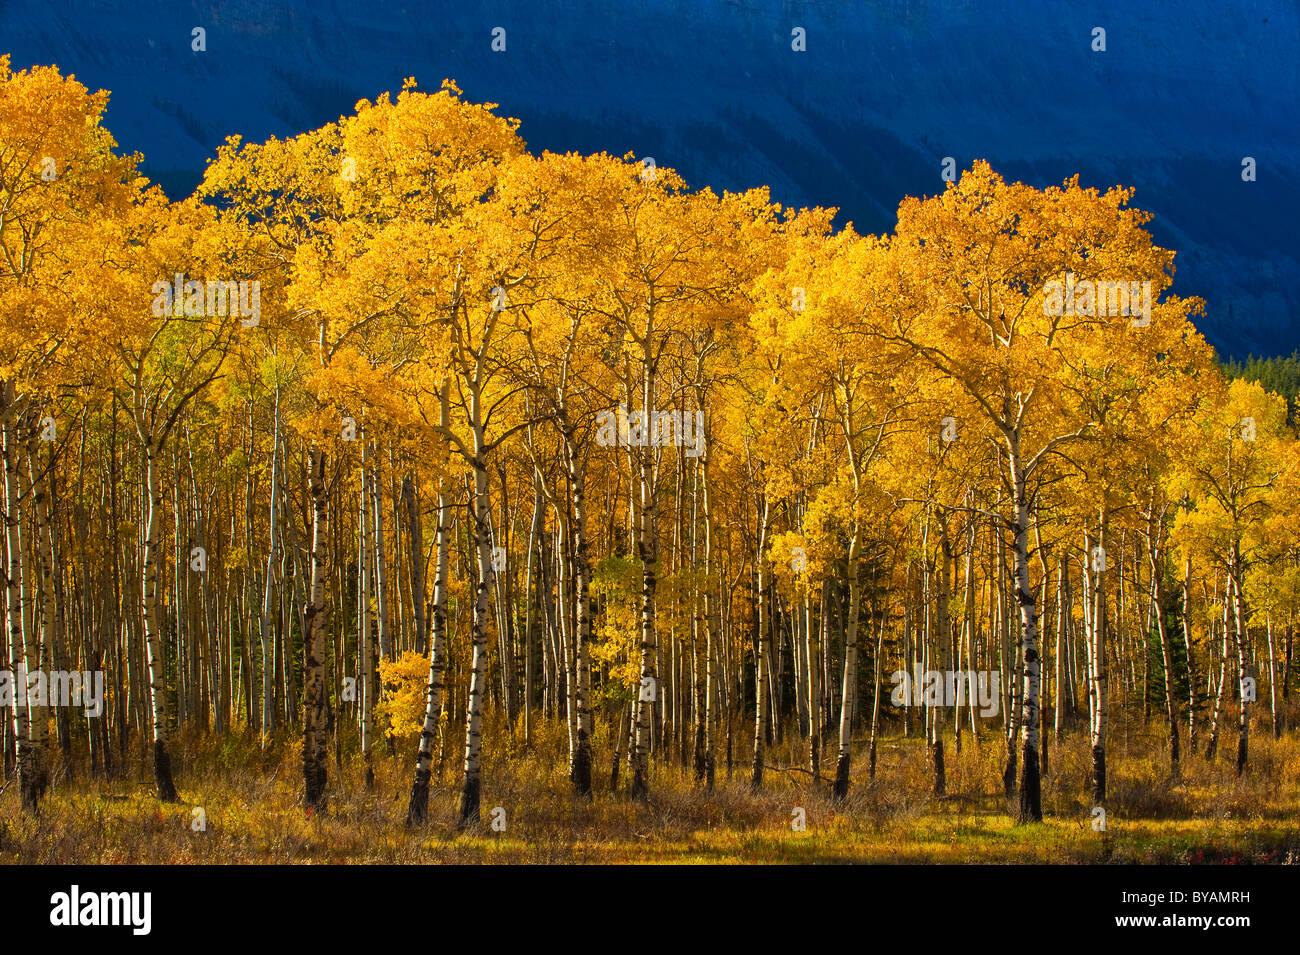 Un stand de trembles aux feuilles jaune d'or de l'automne Photo Stock